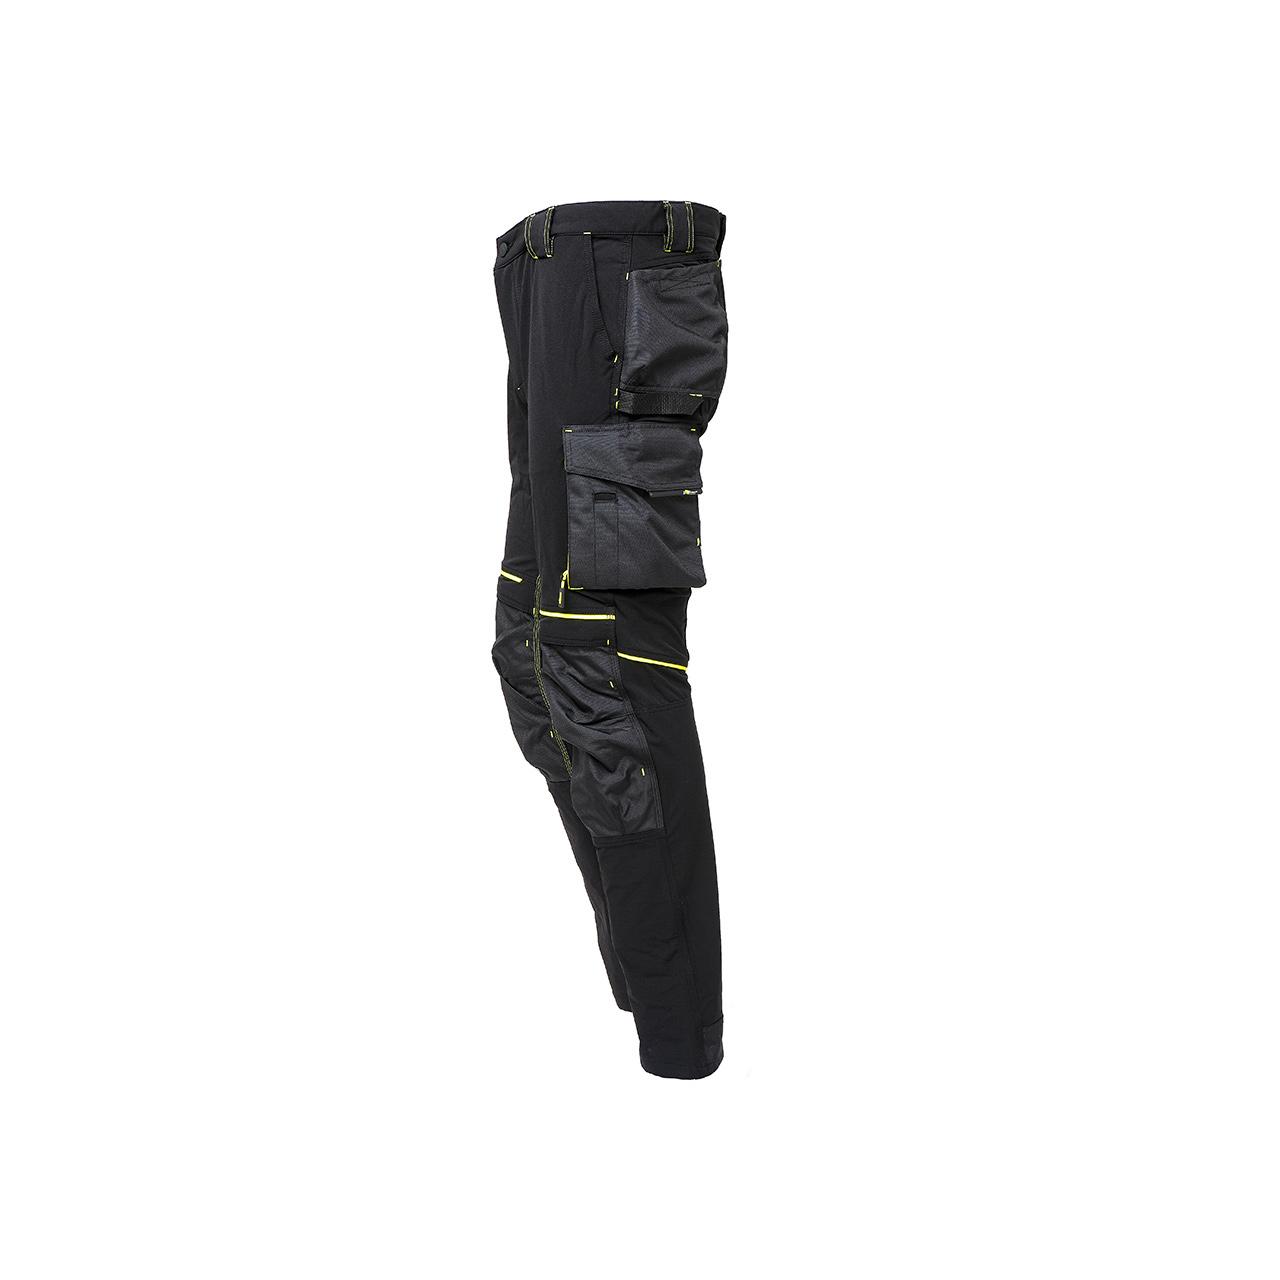 pantalone da lavoro upower modello atom colore black carbon